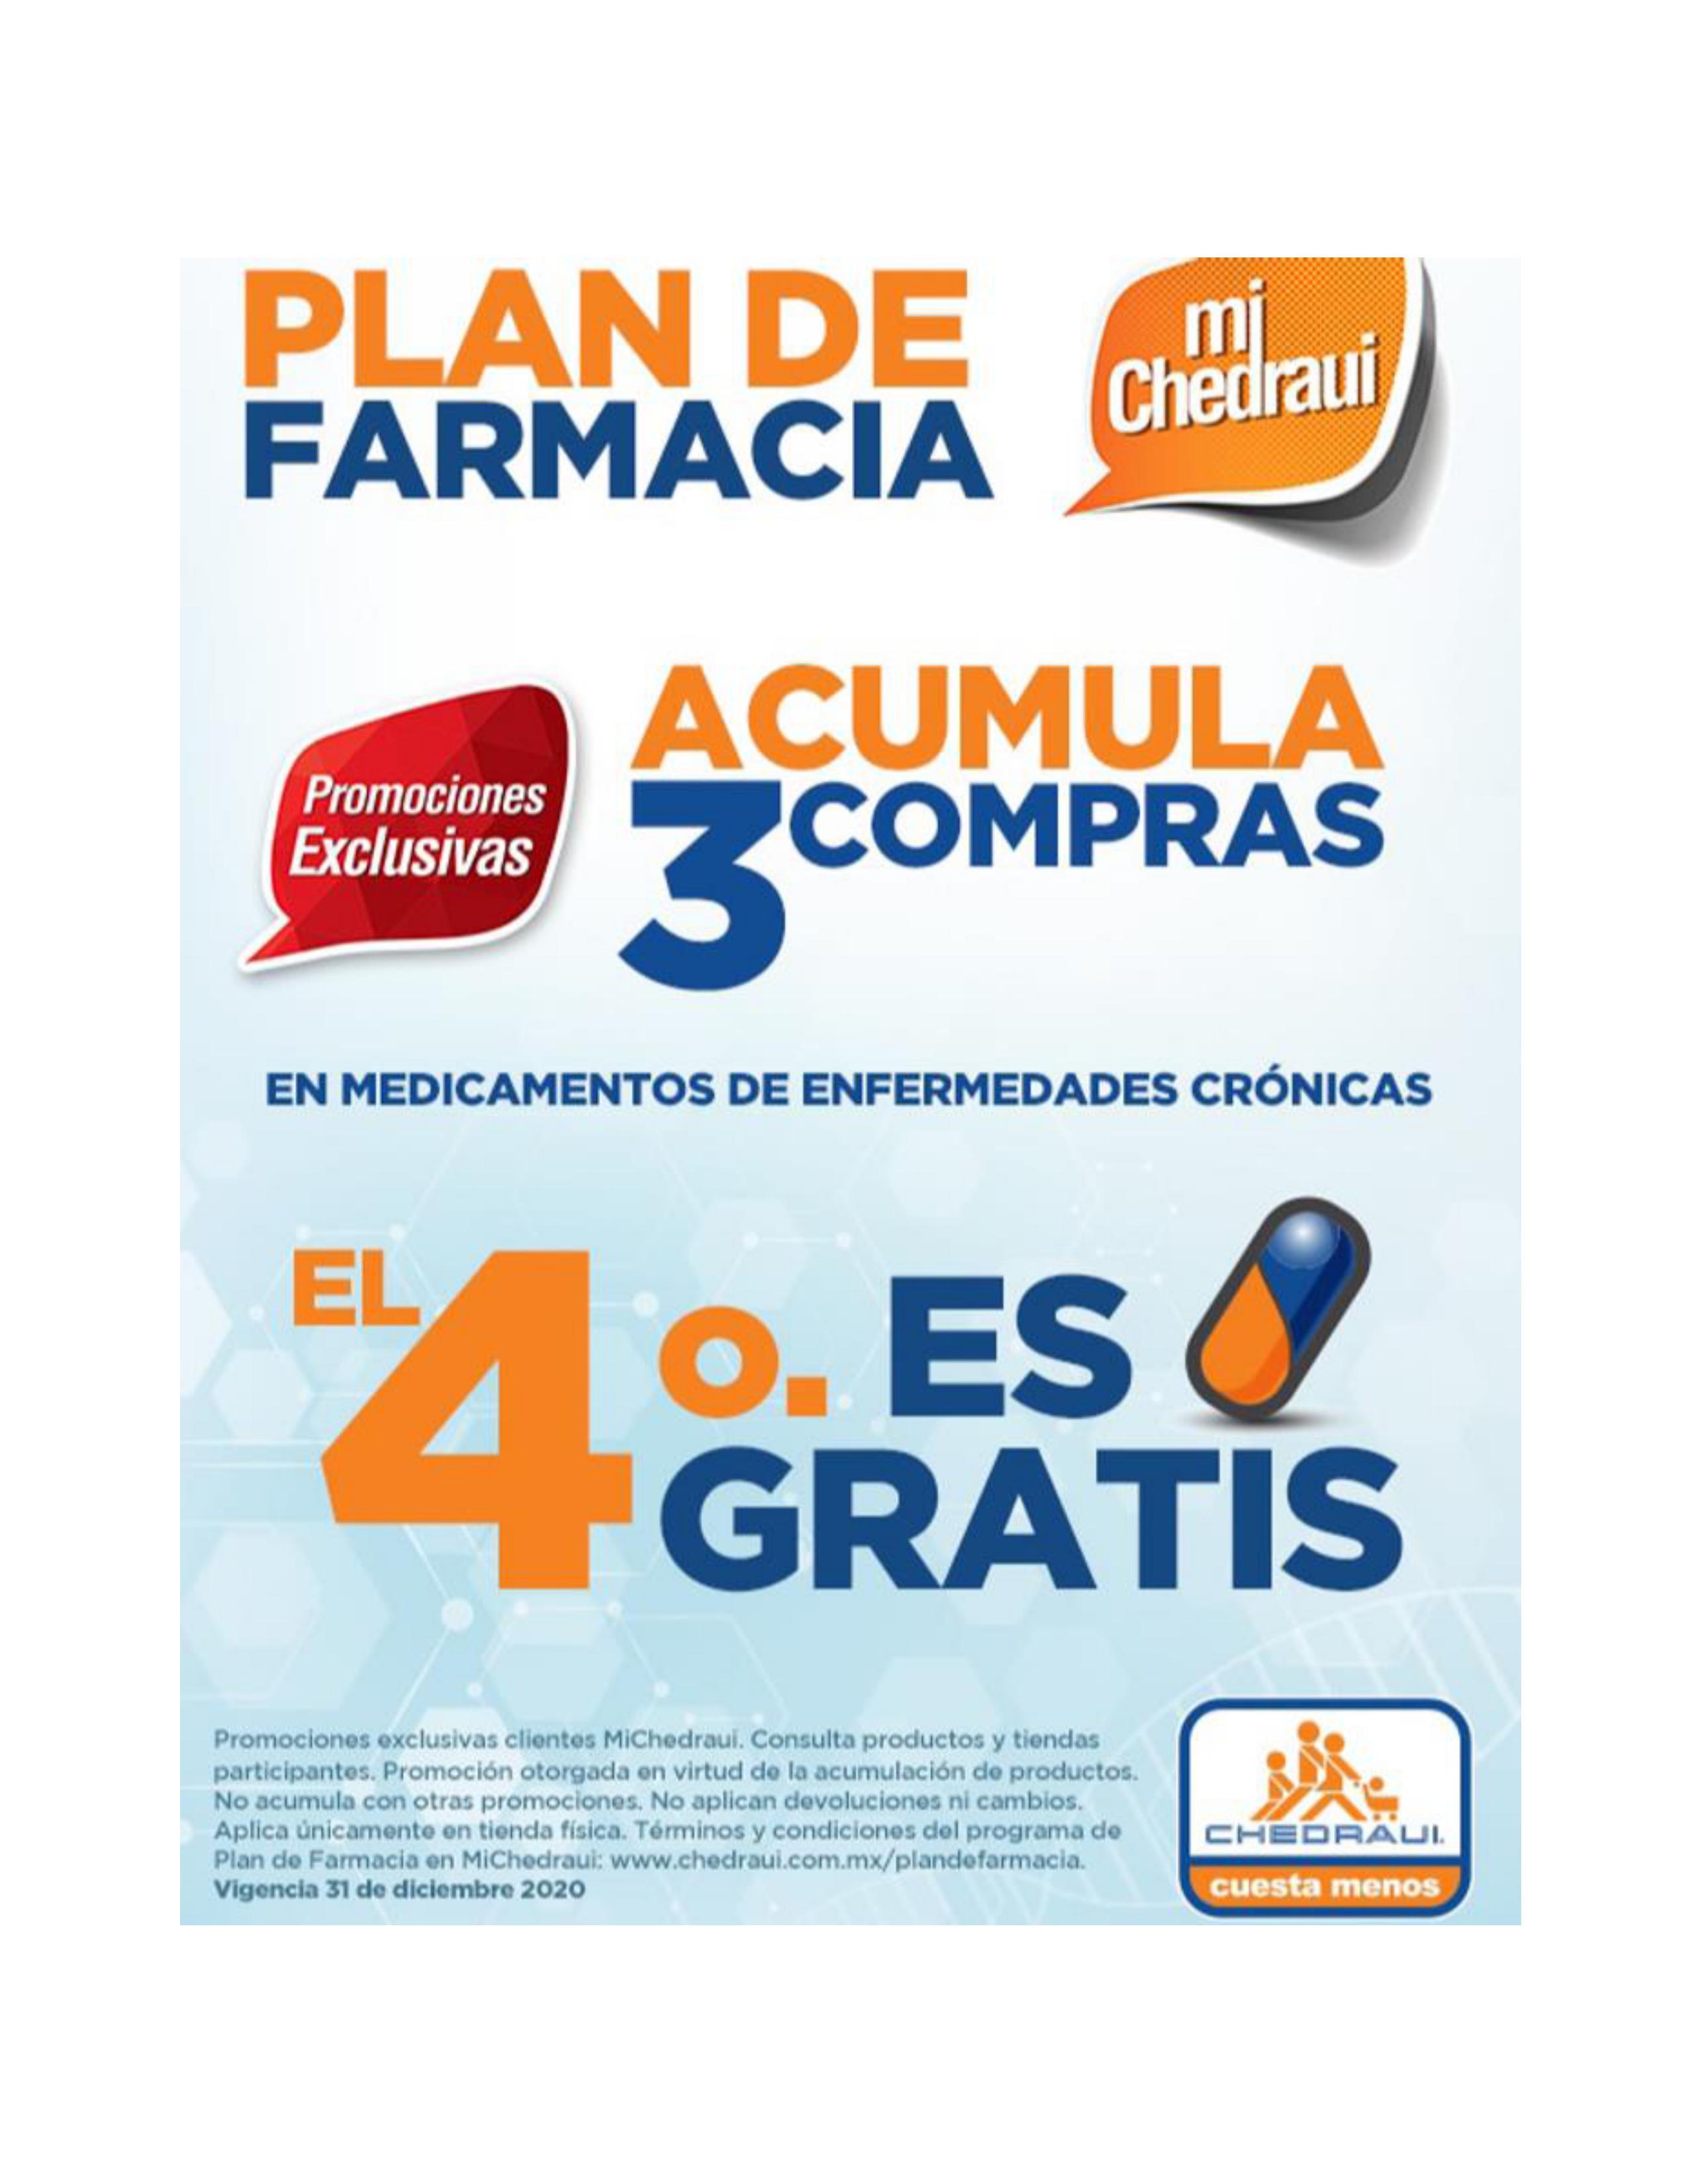 Chedraui: Acumula 3 compras y el 4to medicamento es gratis